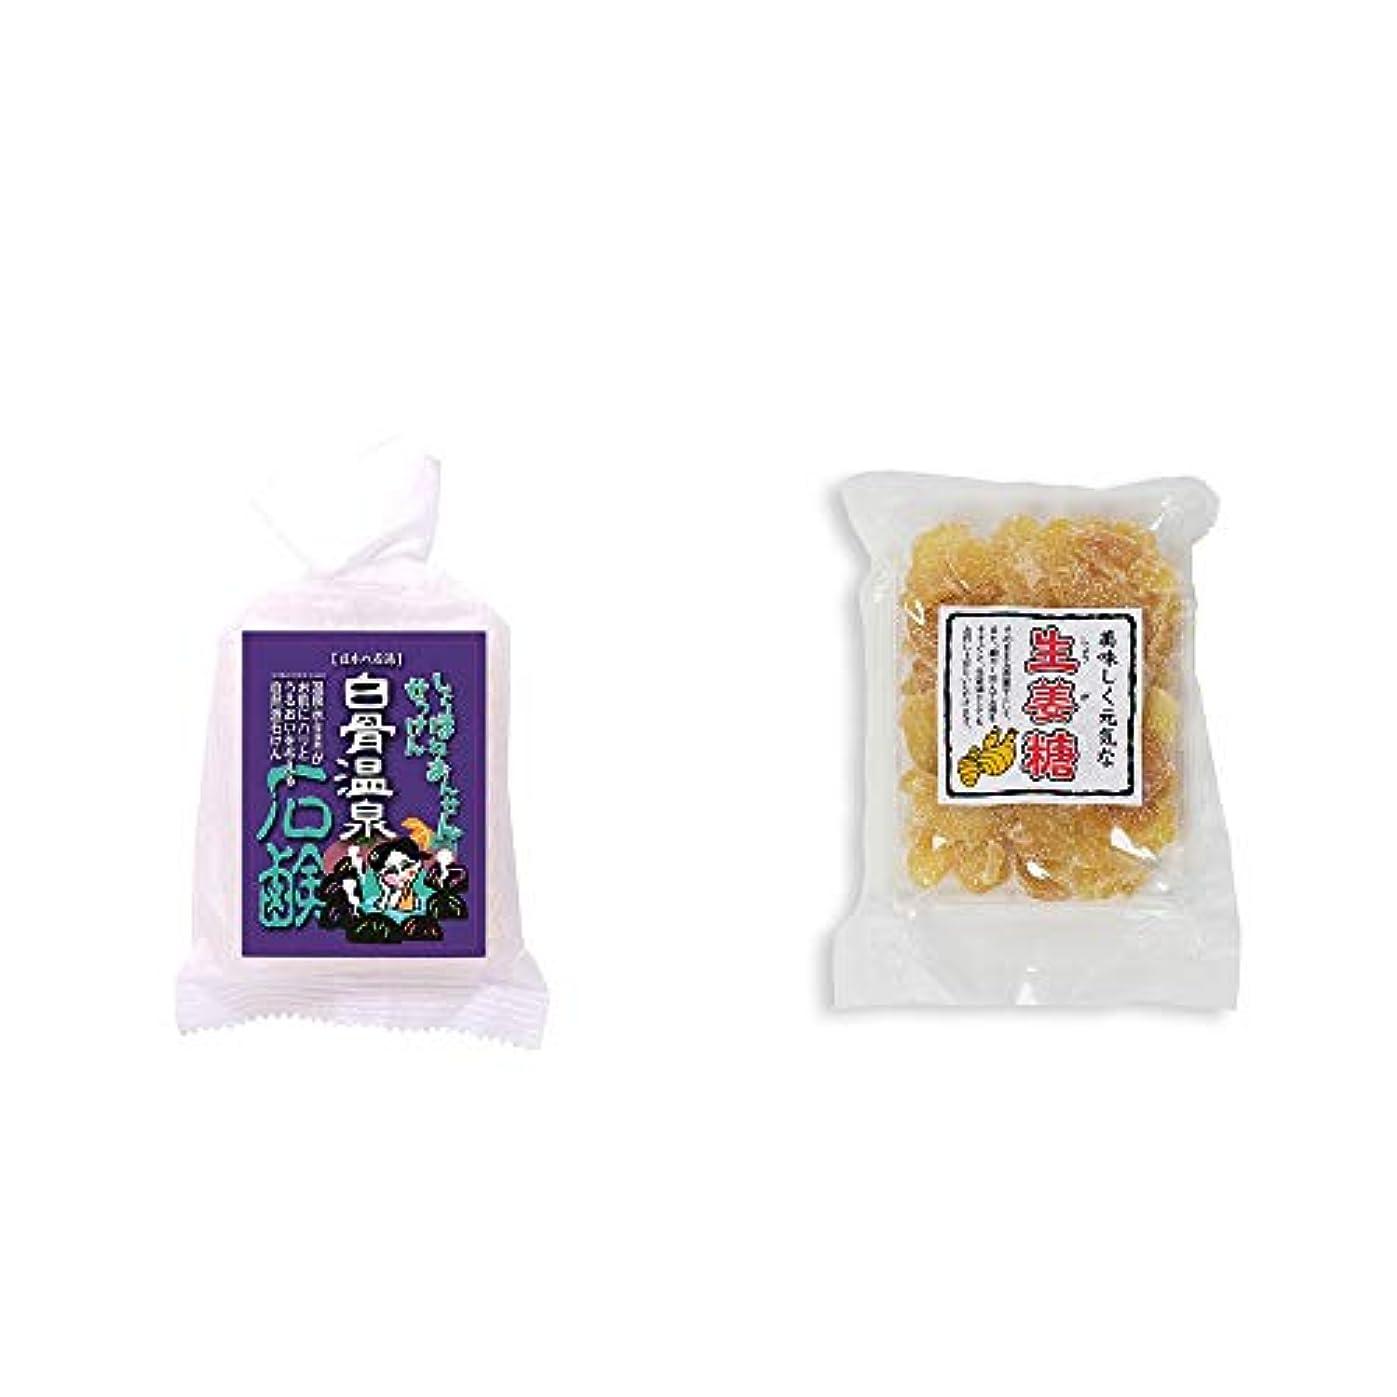 証人増幅見つける[2点セット] 信州 白骨温泉石鹸(80g)?生姜糖(230g)